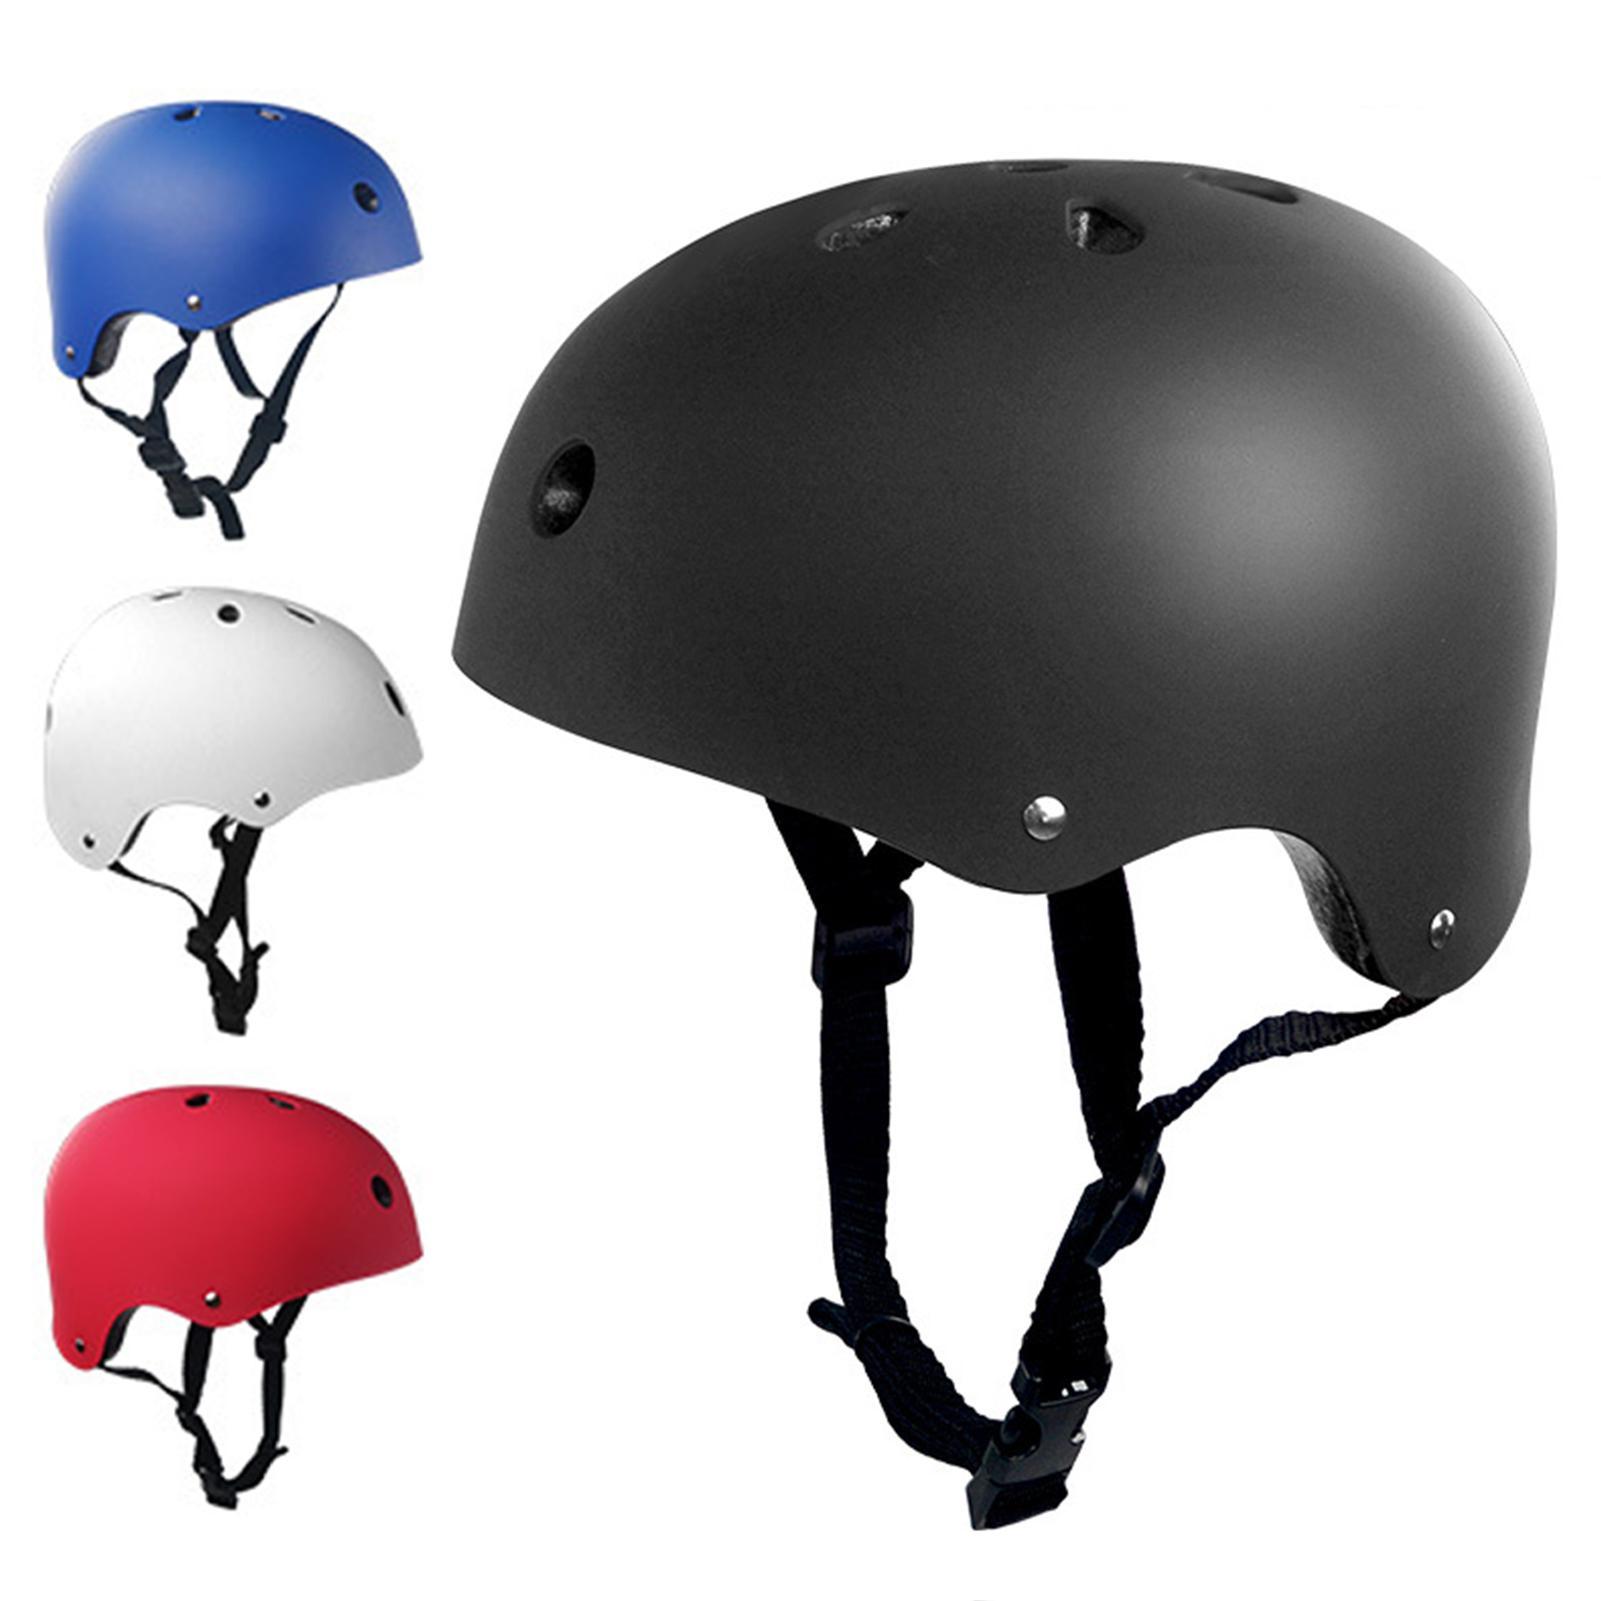 Уличный ударопрочный шлем для взрослых и детей, вентиляция, для езды на велосипеде, скалолазания, скейтбординга, хип-хоп, роликовых коньков